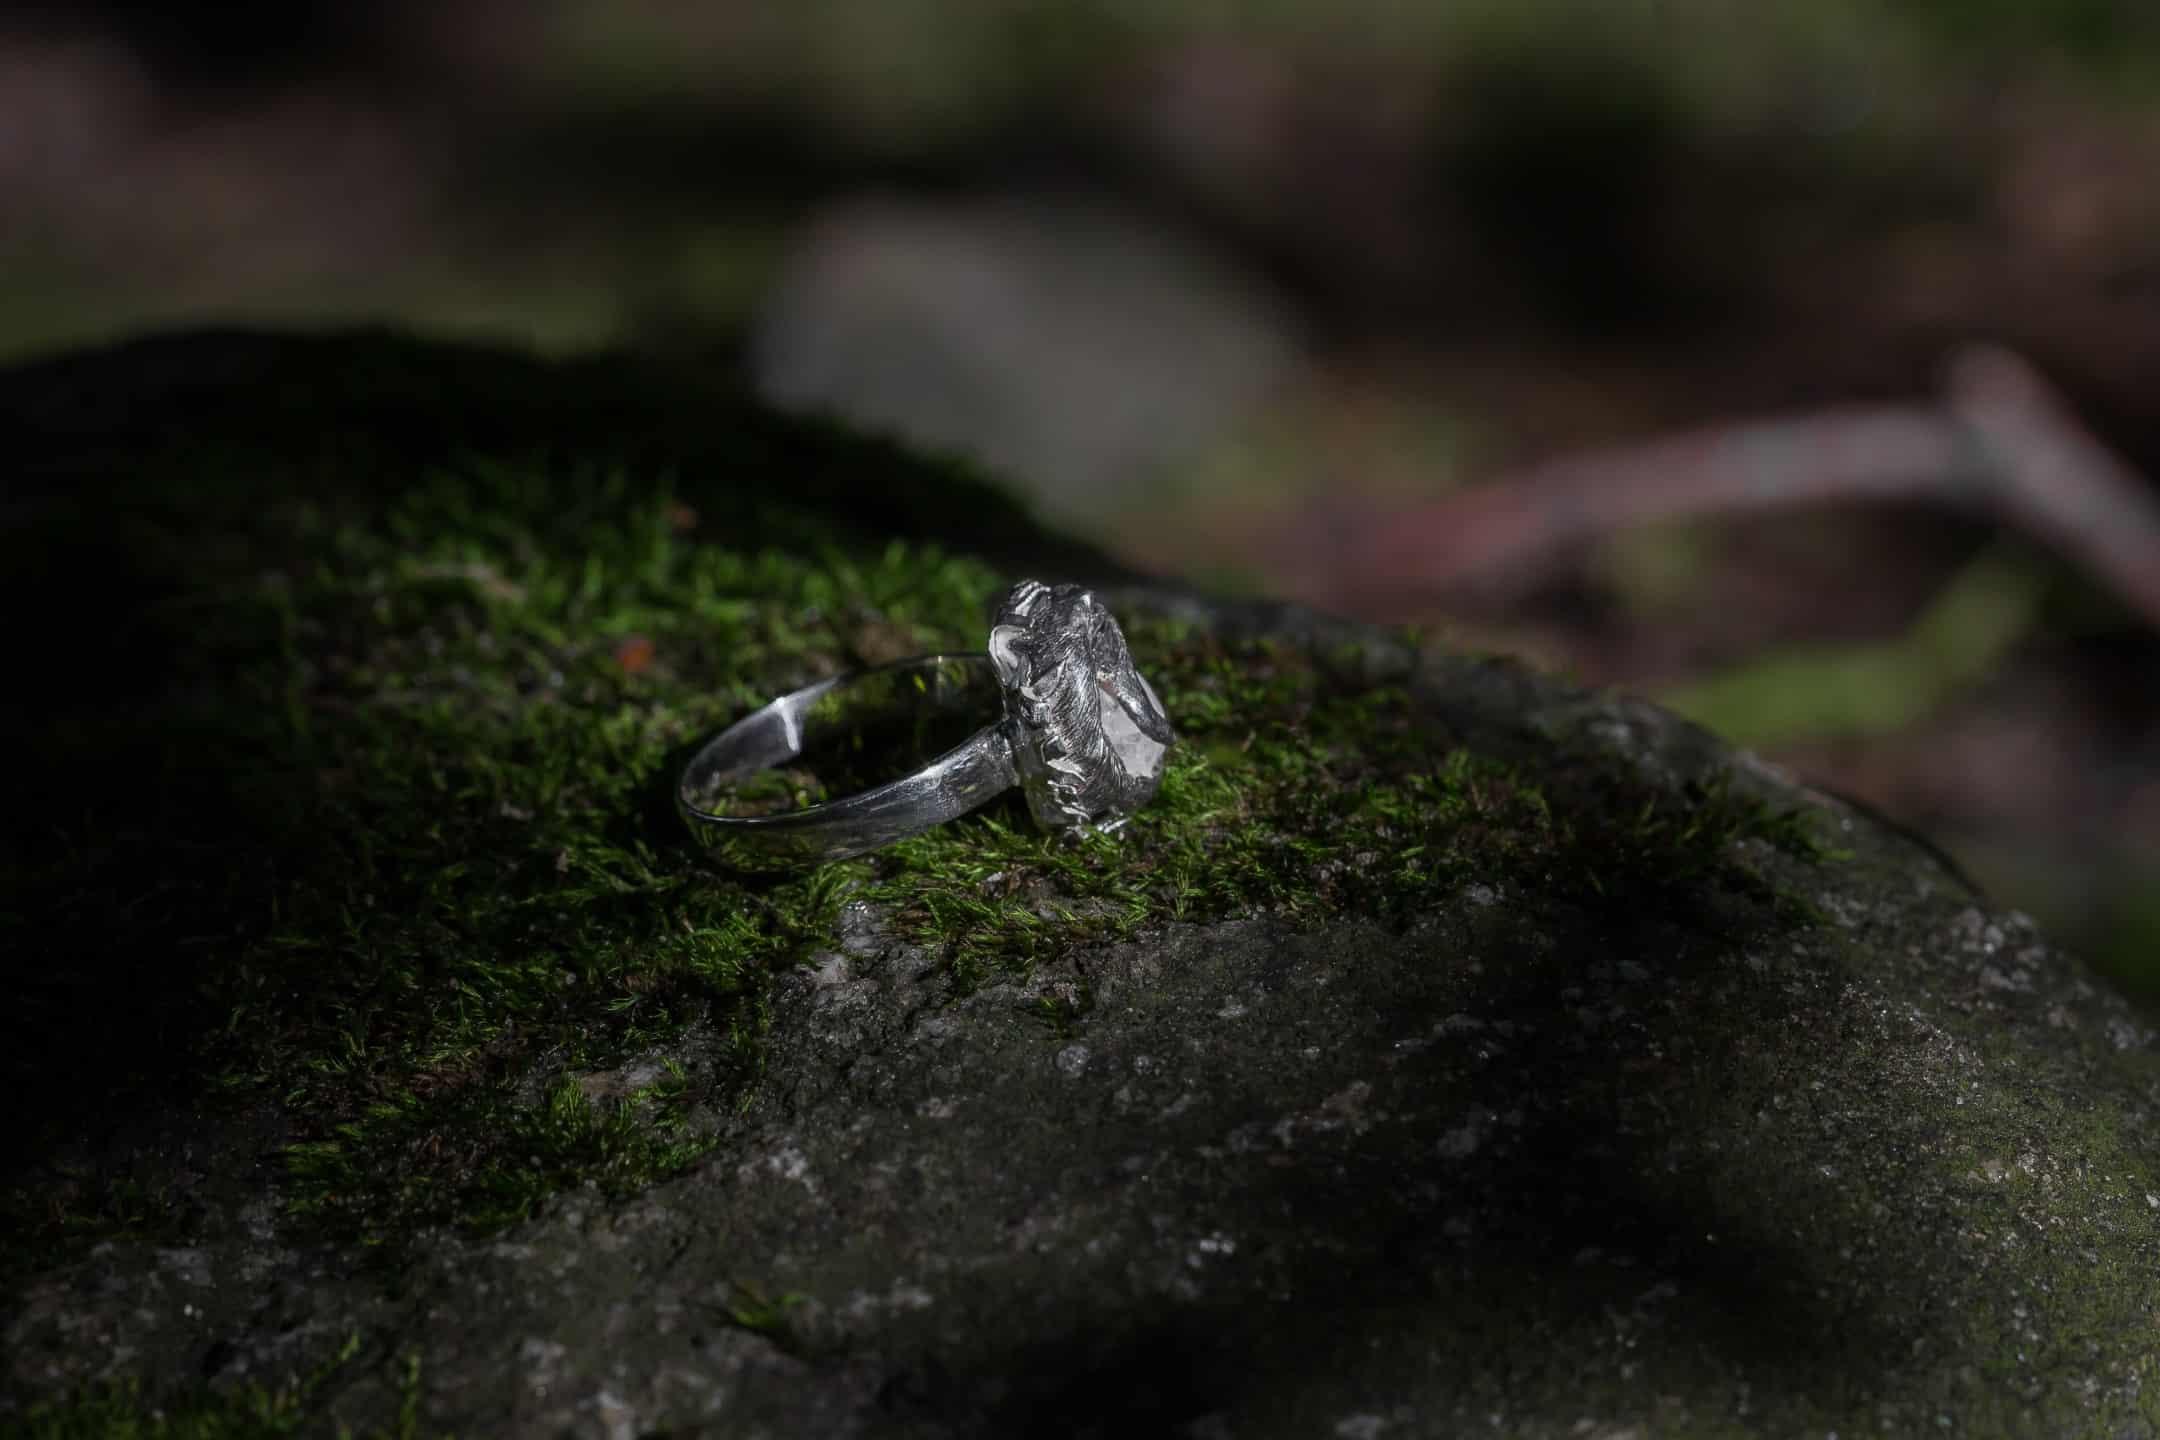 Jak zrobić zdjęcie biżuterii